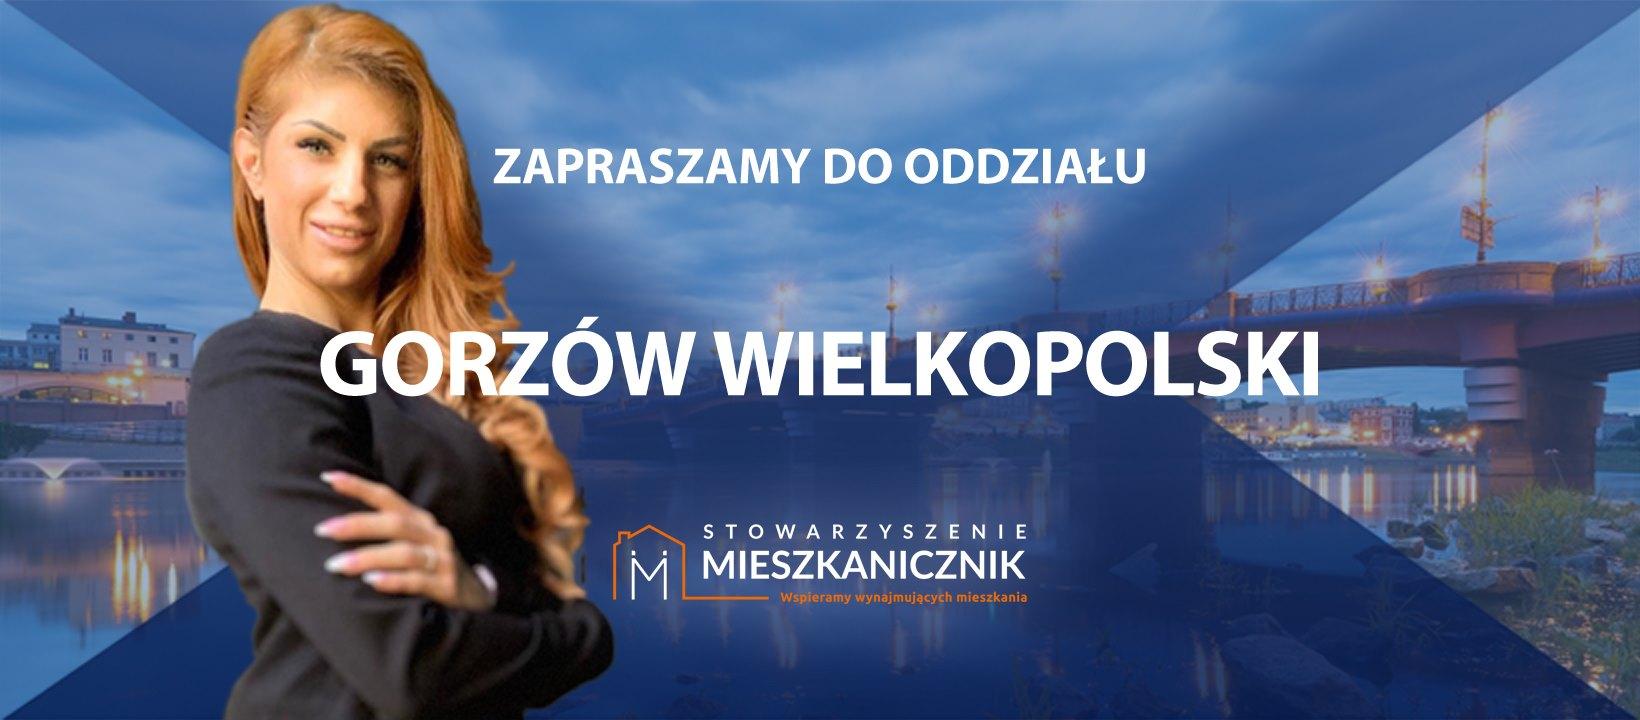 Mieszkanicznik-Gorzow-1.jpg